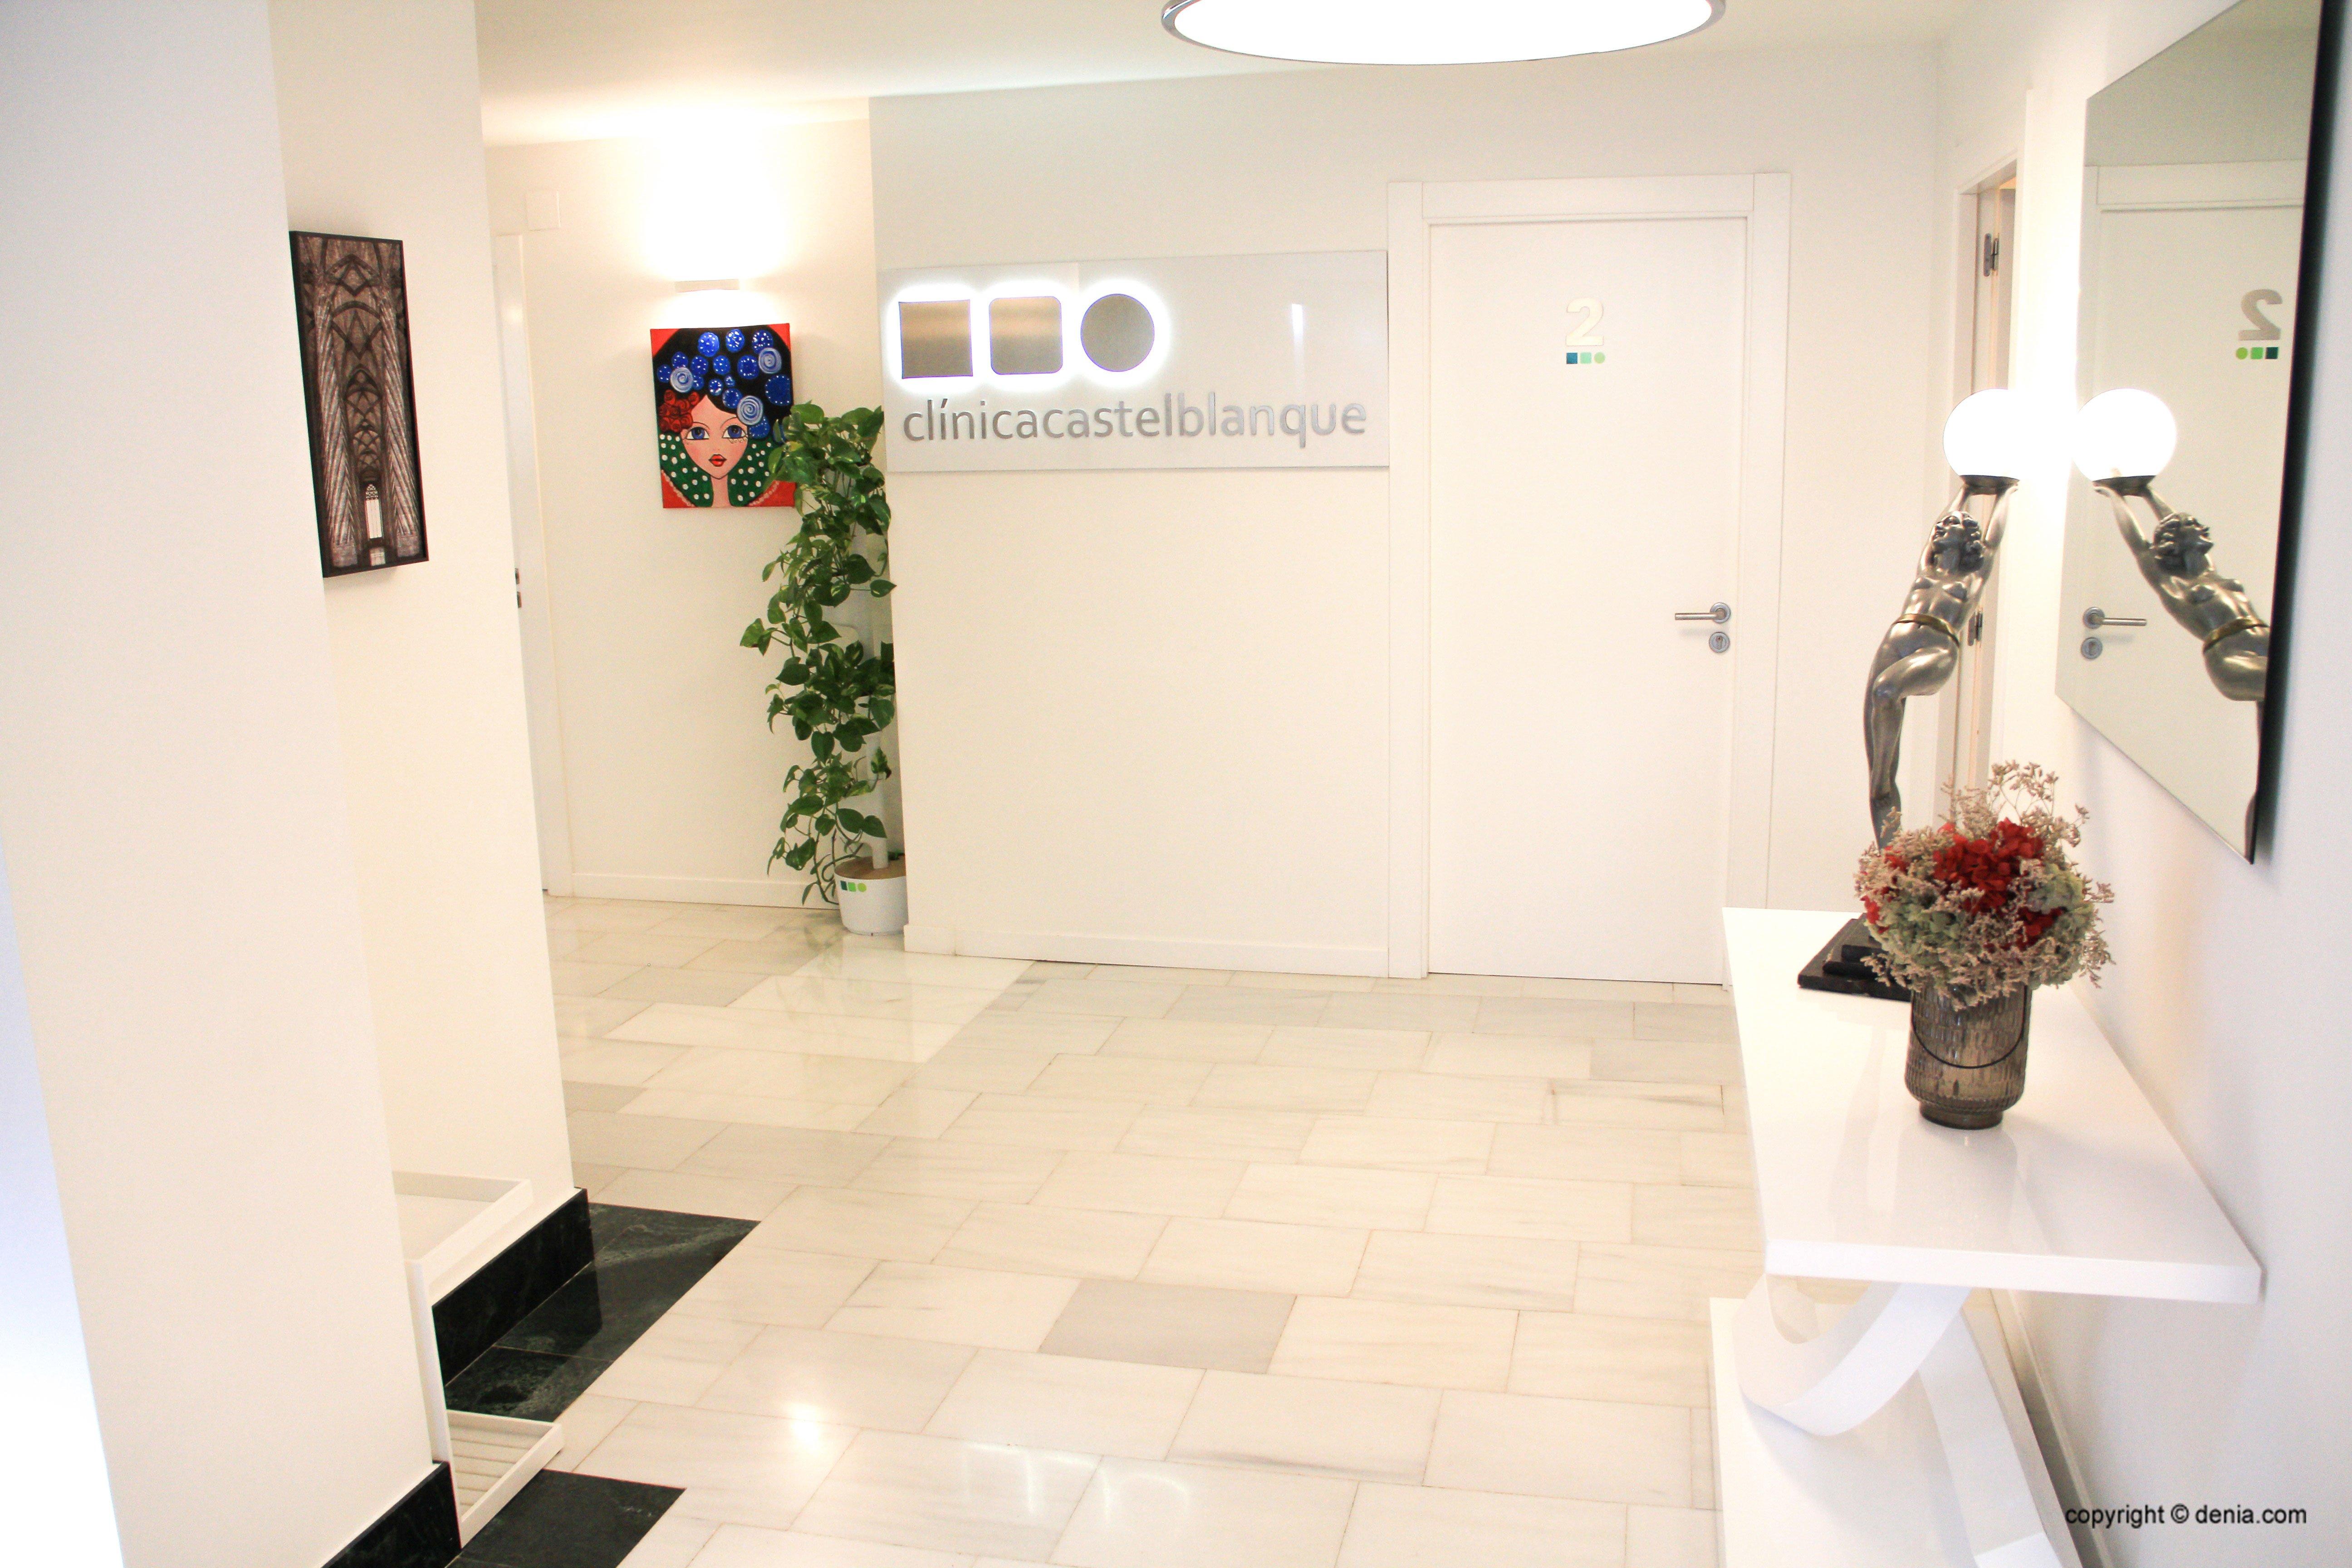 Вход в клинику эстетической клиники Castelblanque